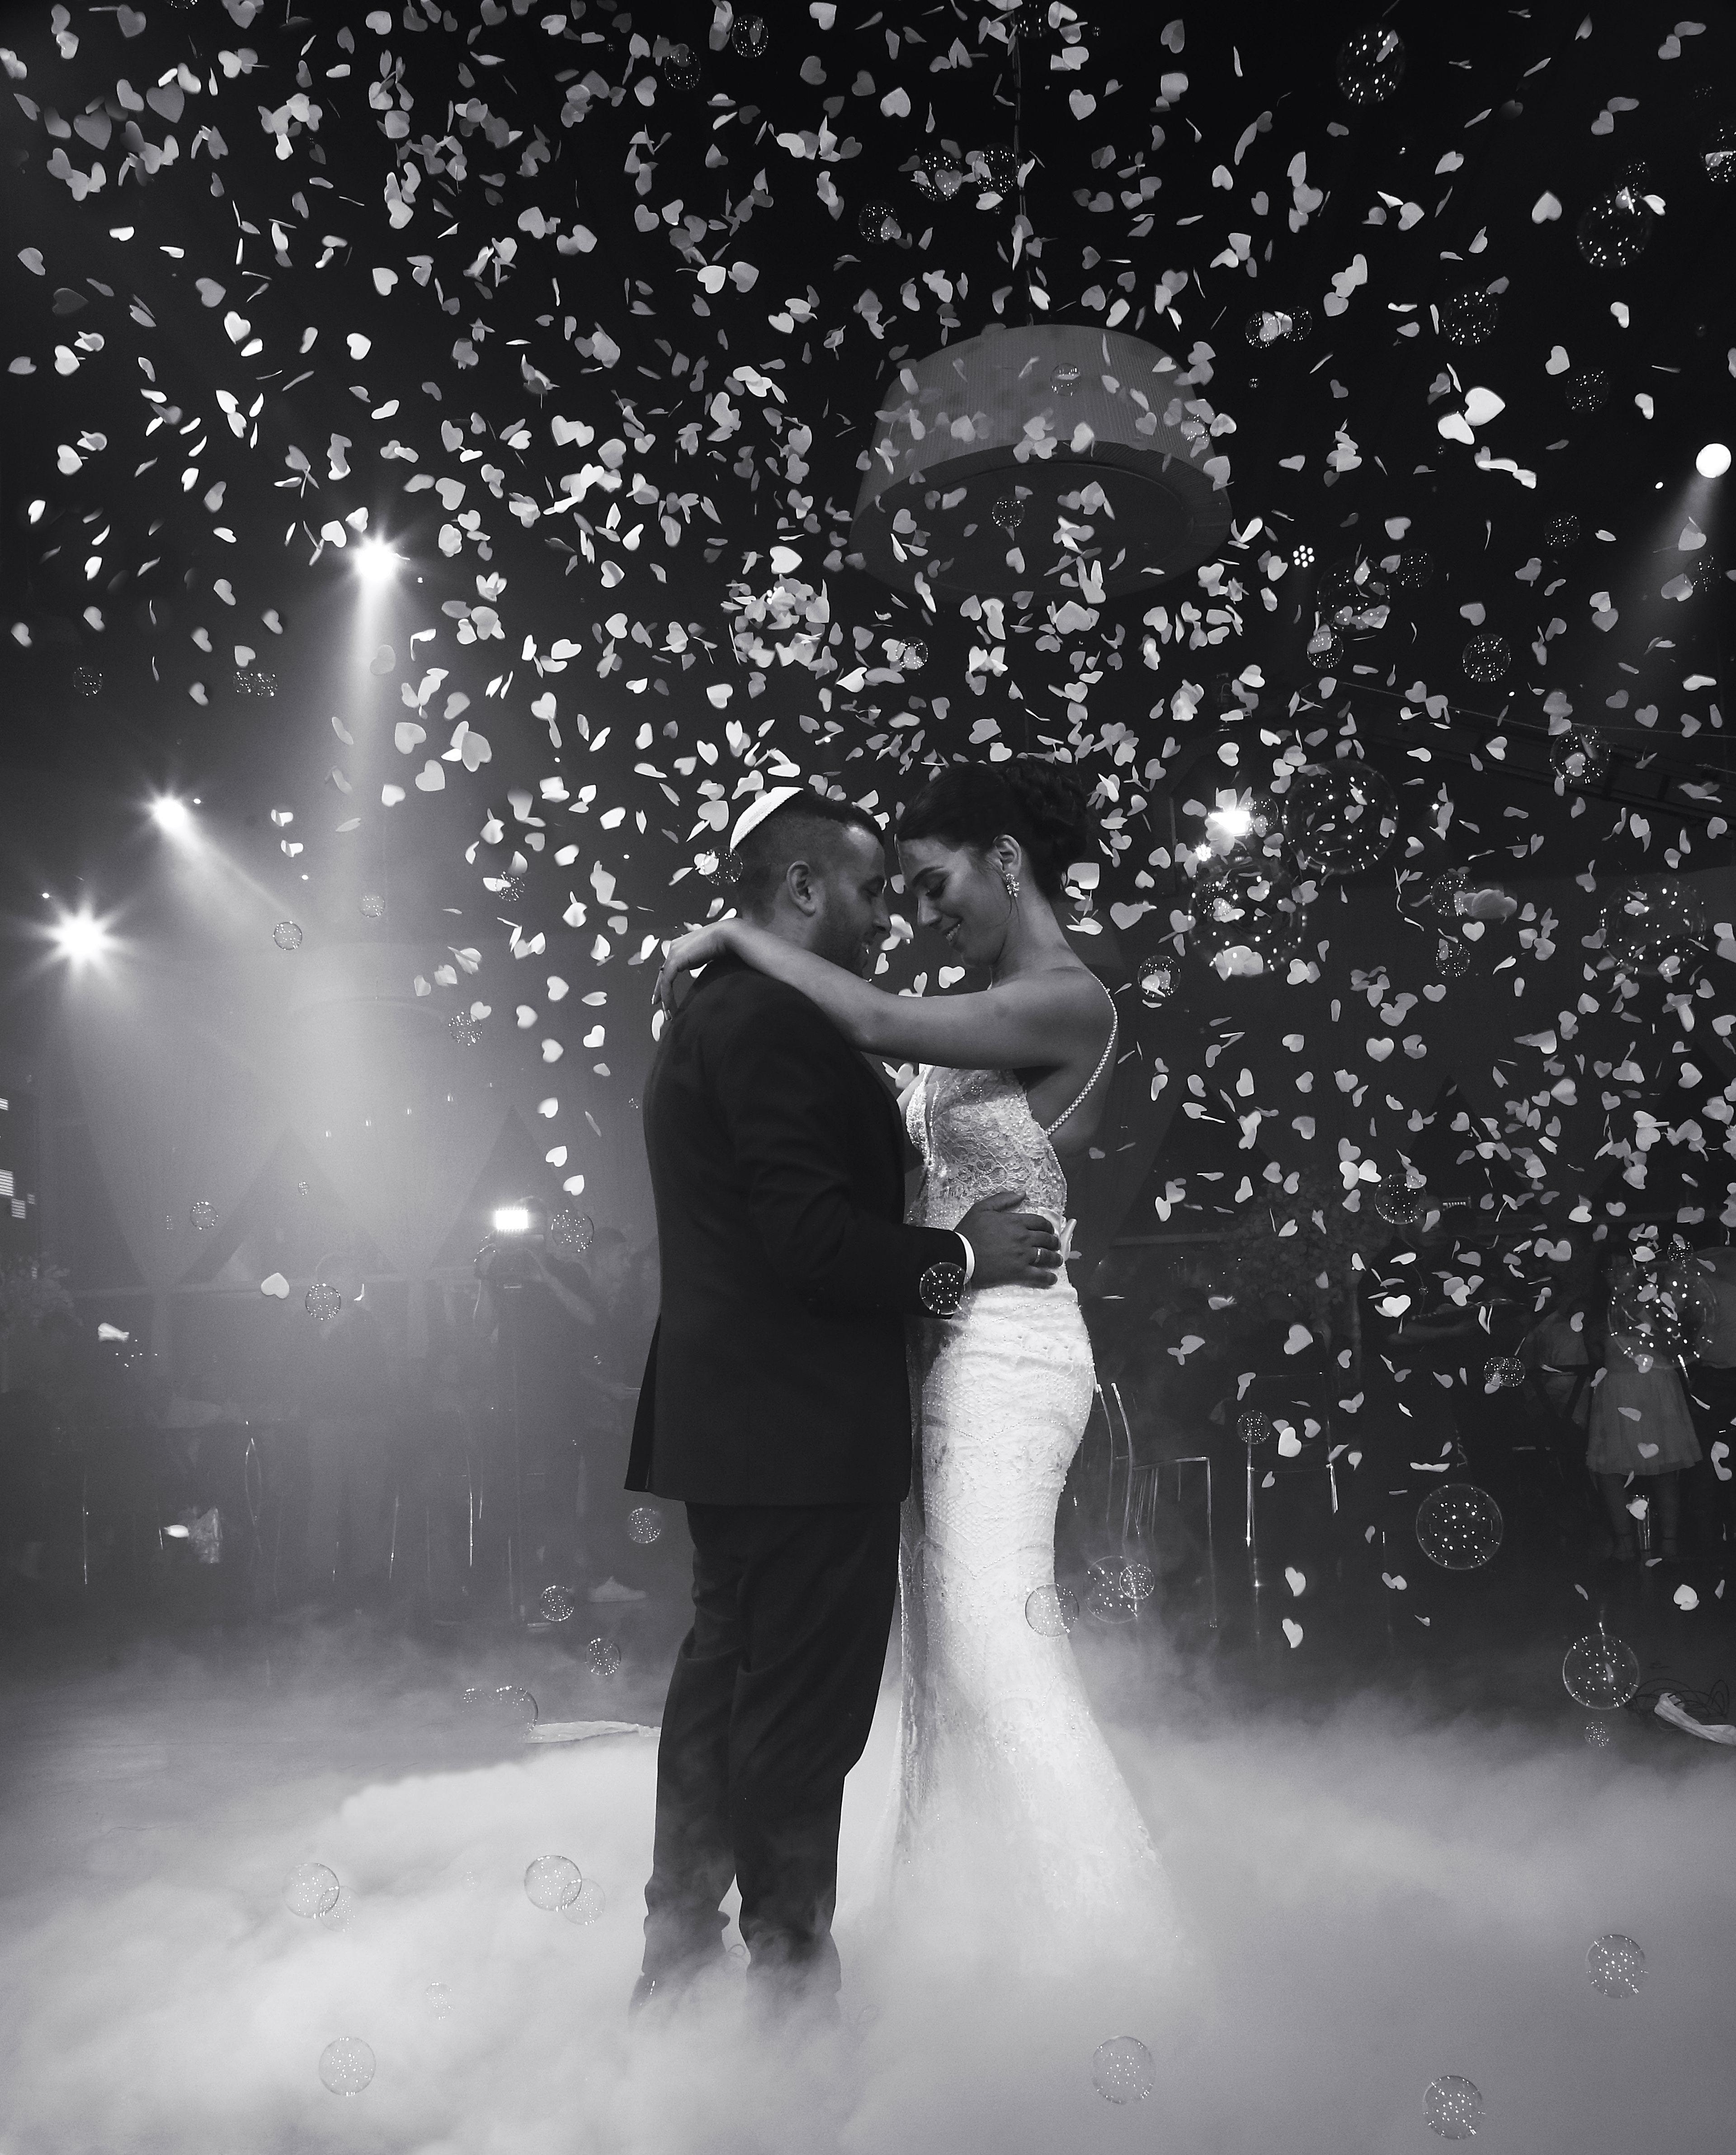 נועם זלאיט-די ג'יי לחתונה-תקליטן לחתונה-עשן כבד-קונפטי